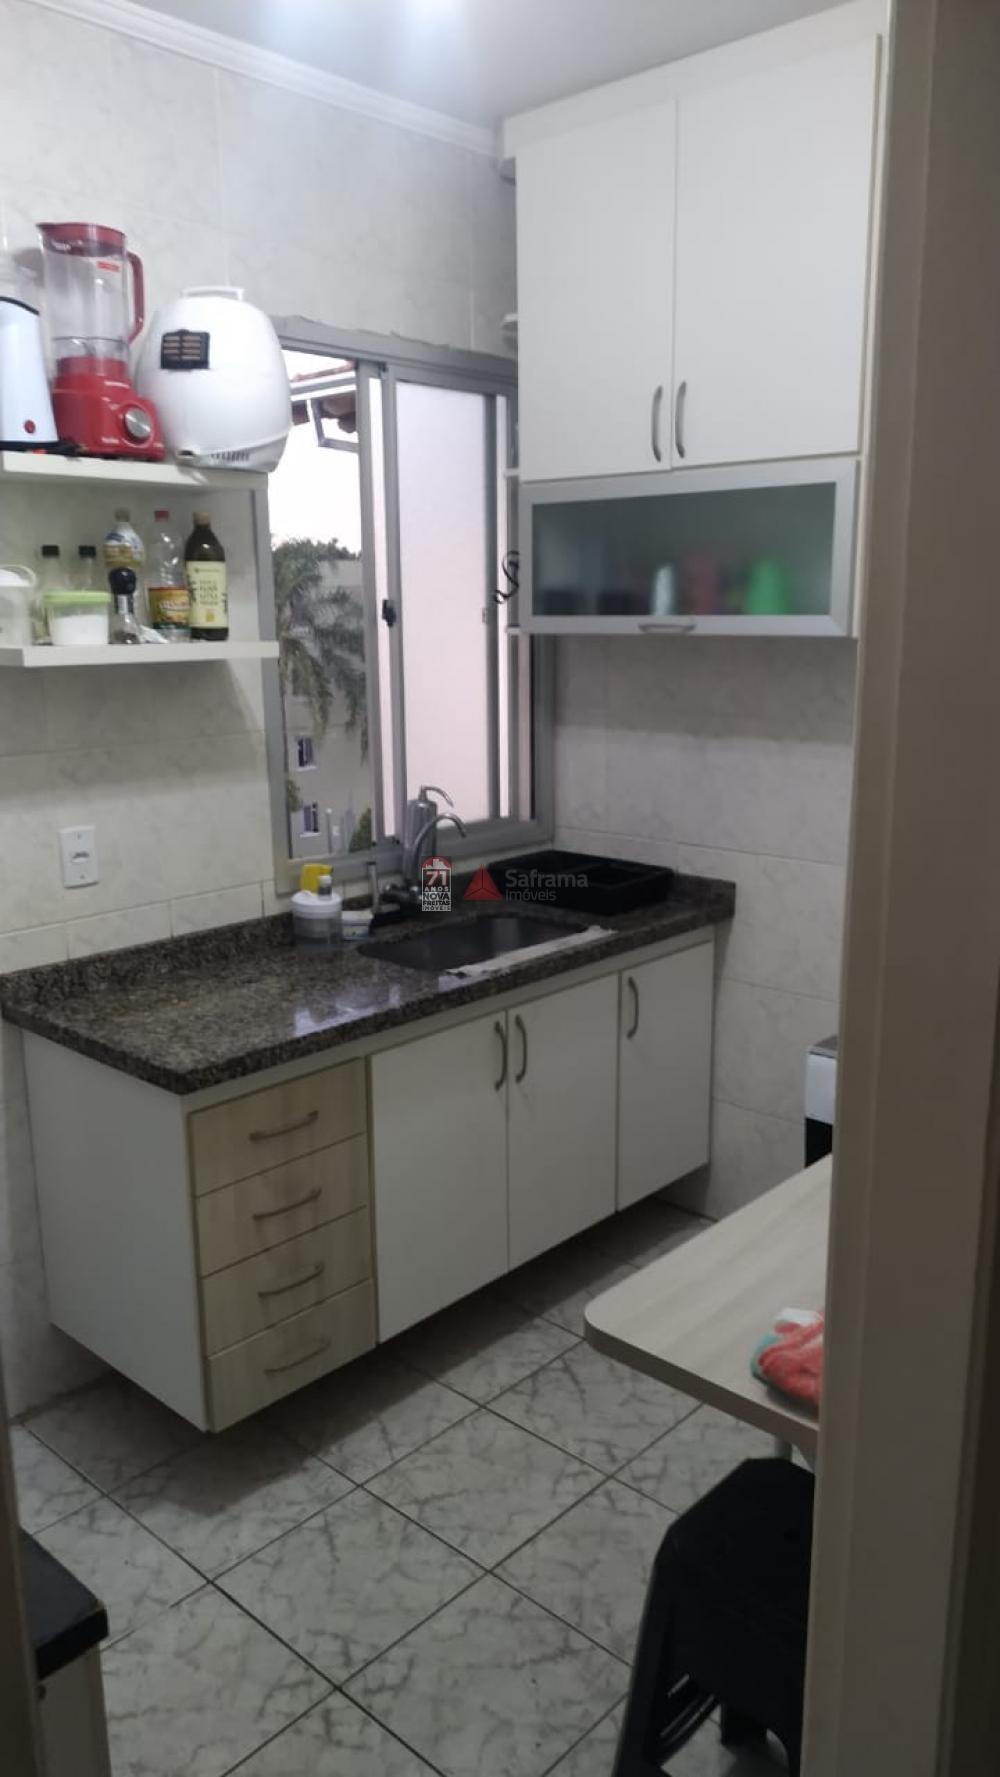 Comprar Apartamento / Padrão em São José dos Campos R$ 240.000,00 - Foto 4